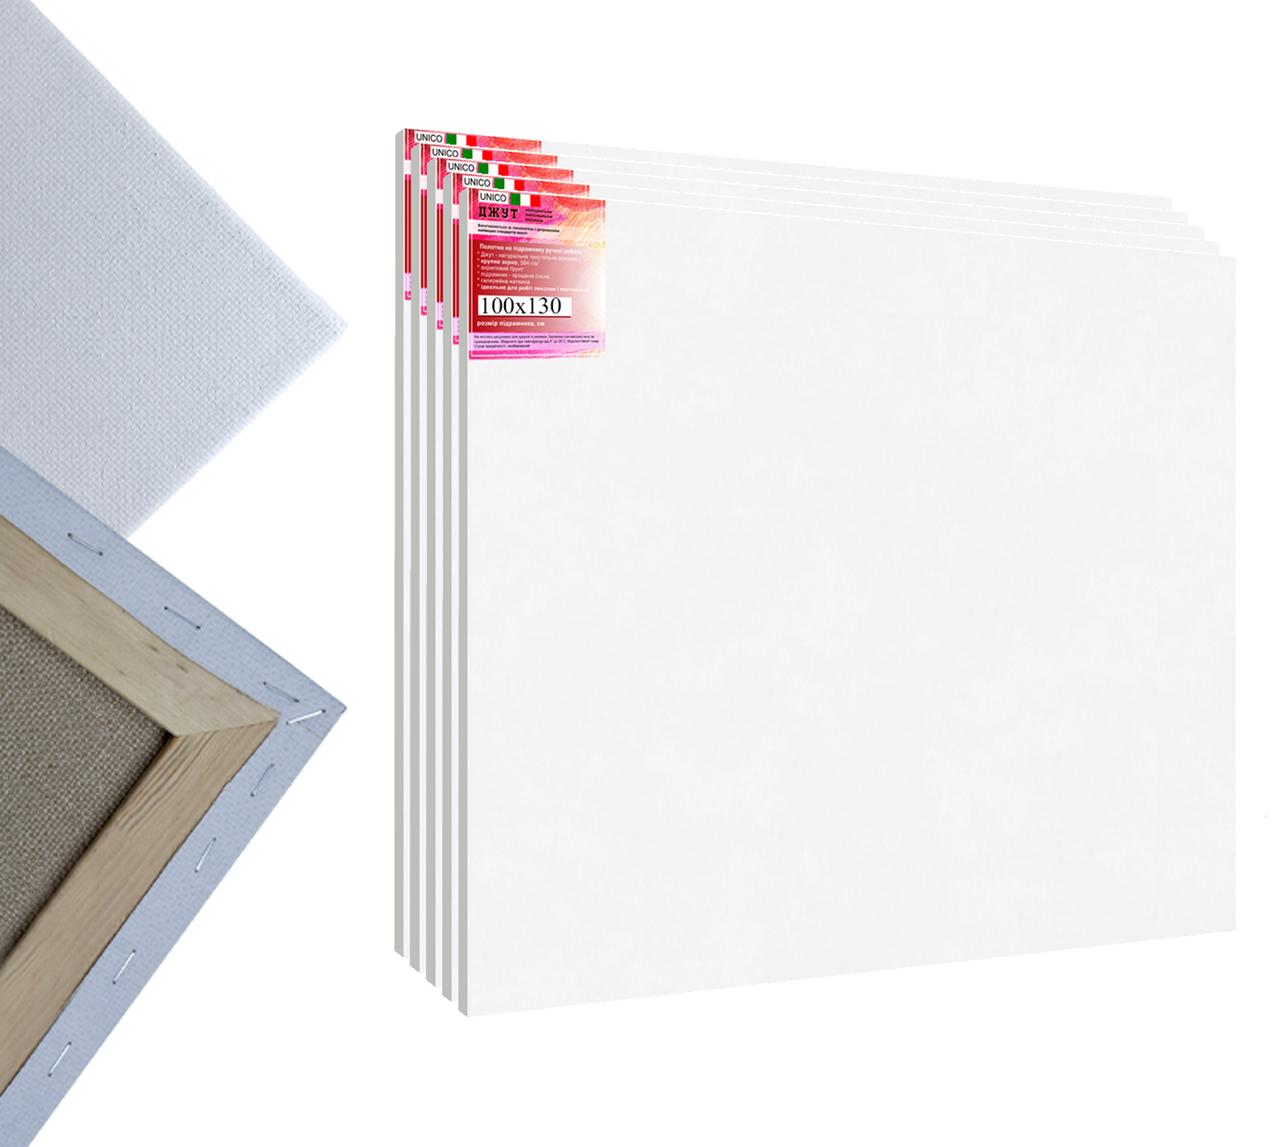 Набір полотен на підрамнику Factura Unico 100х130 см 5 шт. Джут Італія 584 грам кв. м. крупне зерно, білий